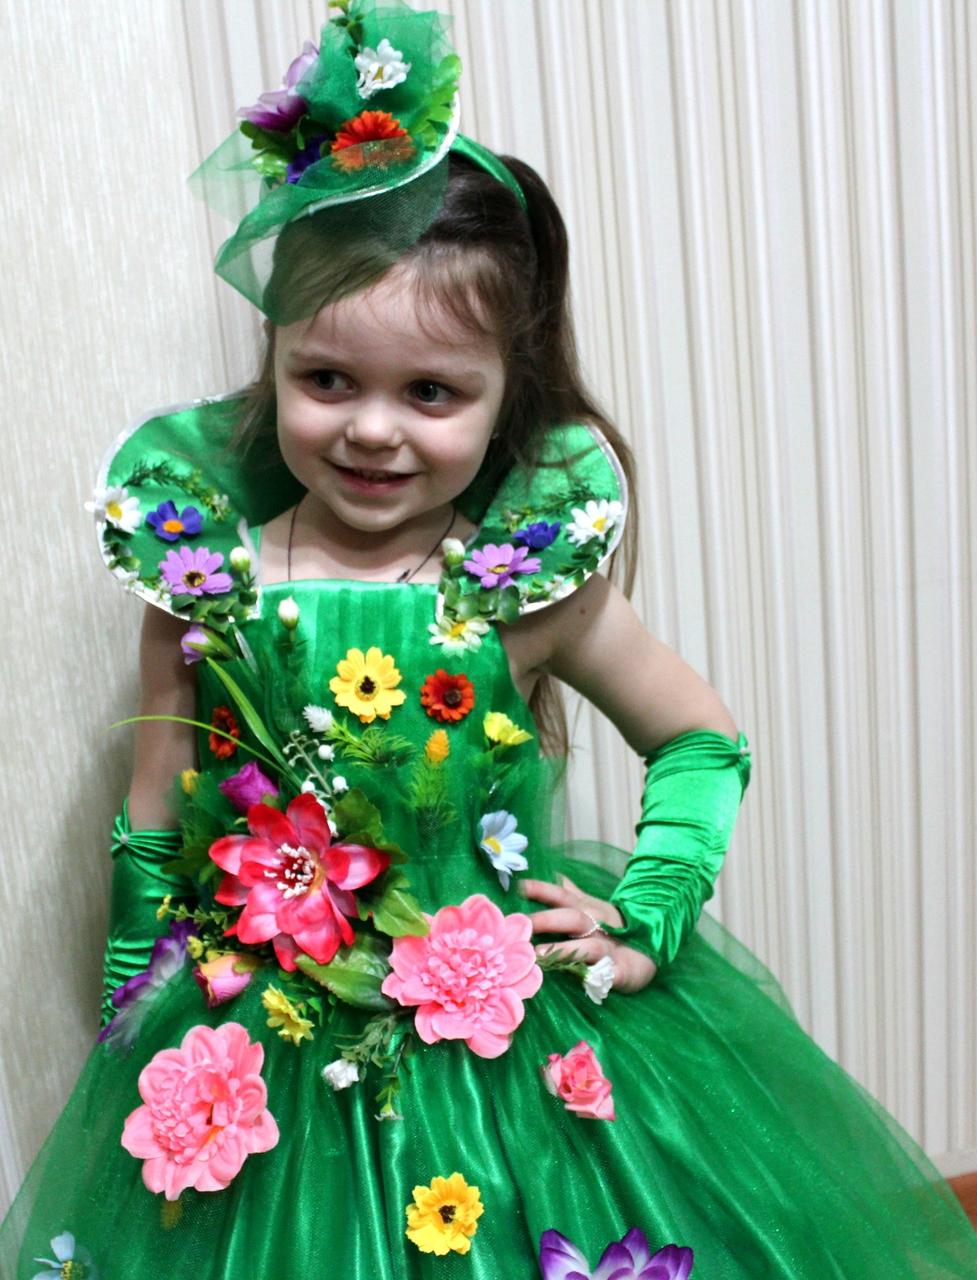 Весенние костюмы своими руками - Модно в России 2014, Дубленки распродажа, Как сшить летние кофточки своими руками